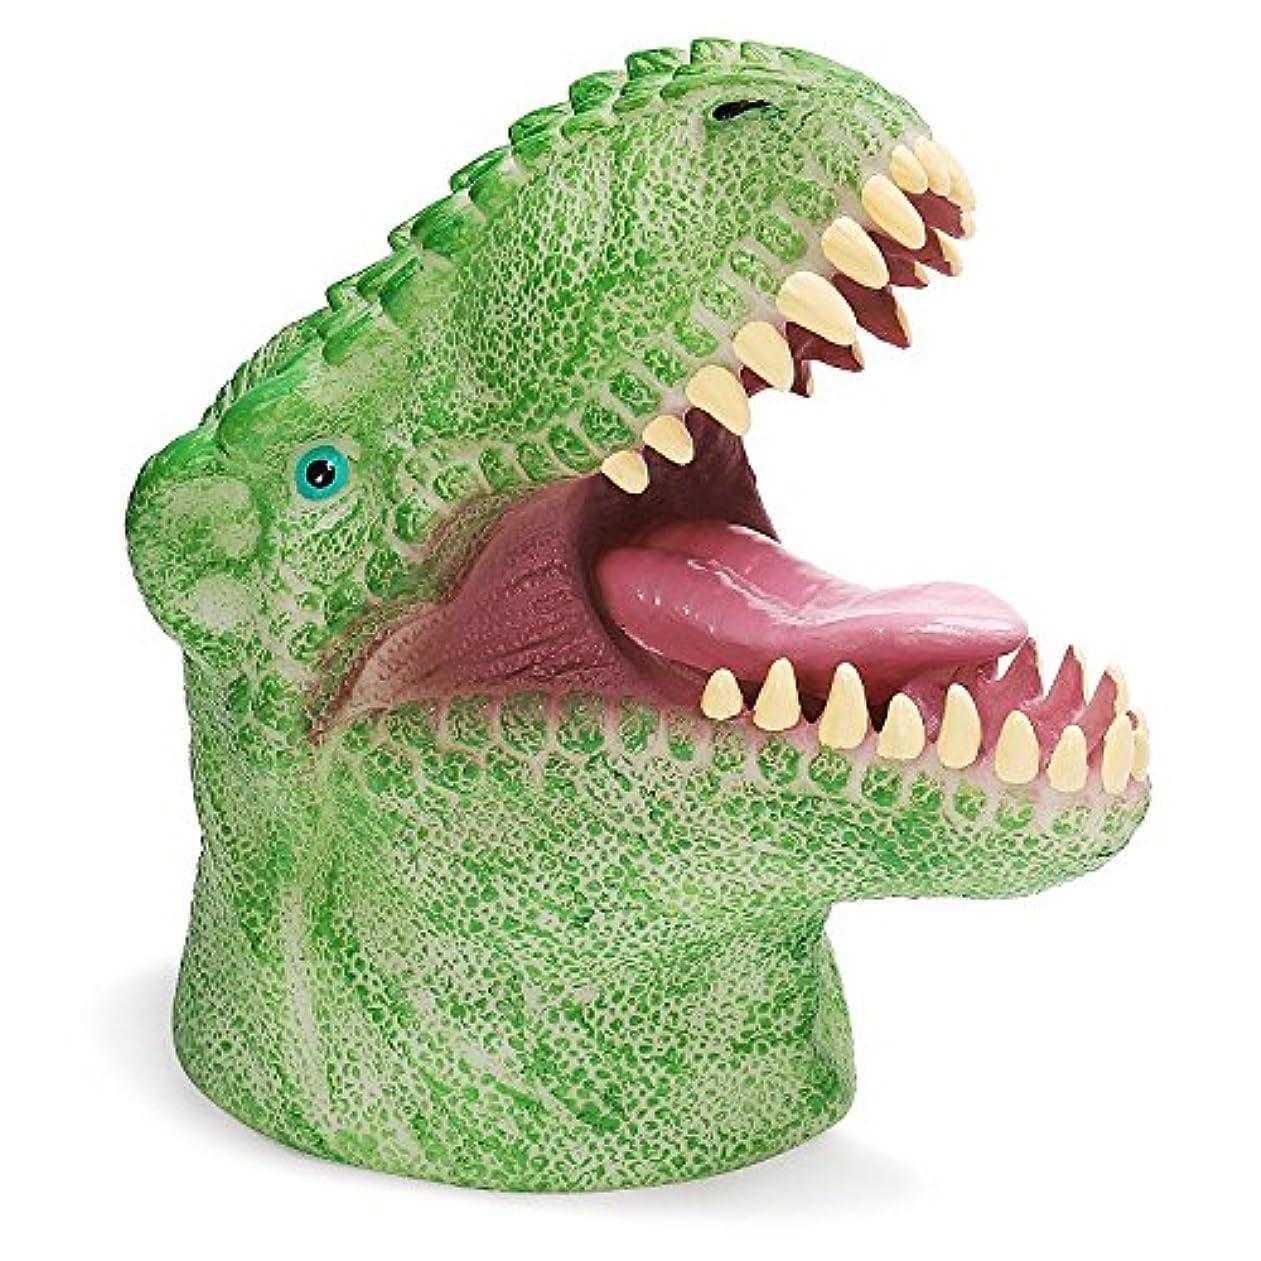 抵抗する奪うキャリア恐竜ナイトランプ USBポータブル充電式 7色変更